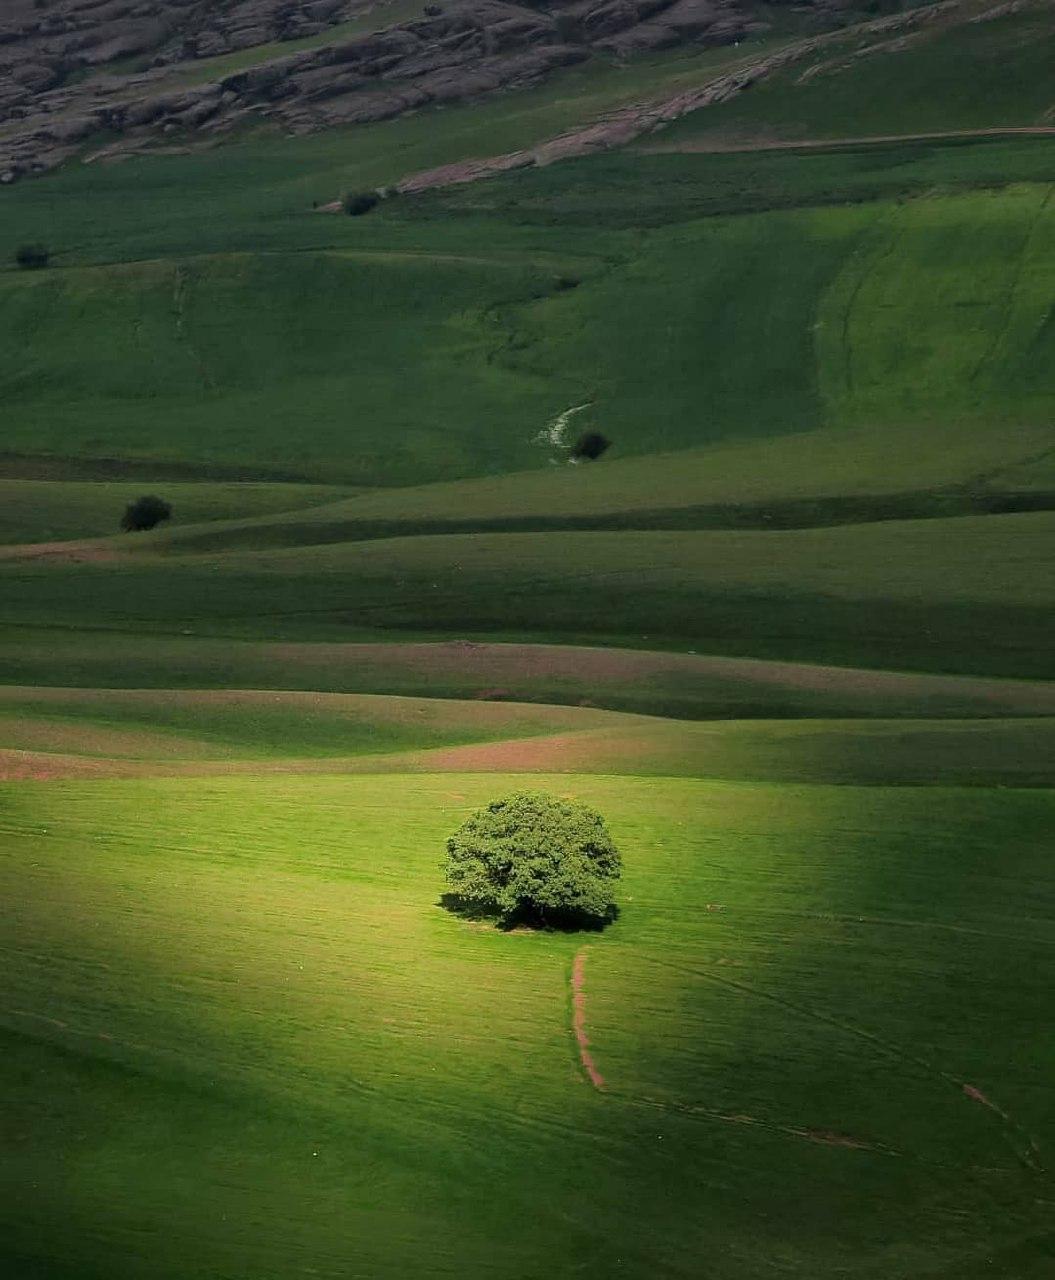 طبیعت چشم نواز لرستان+عکس